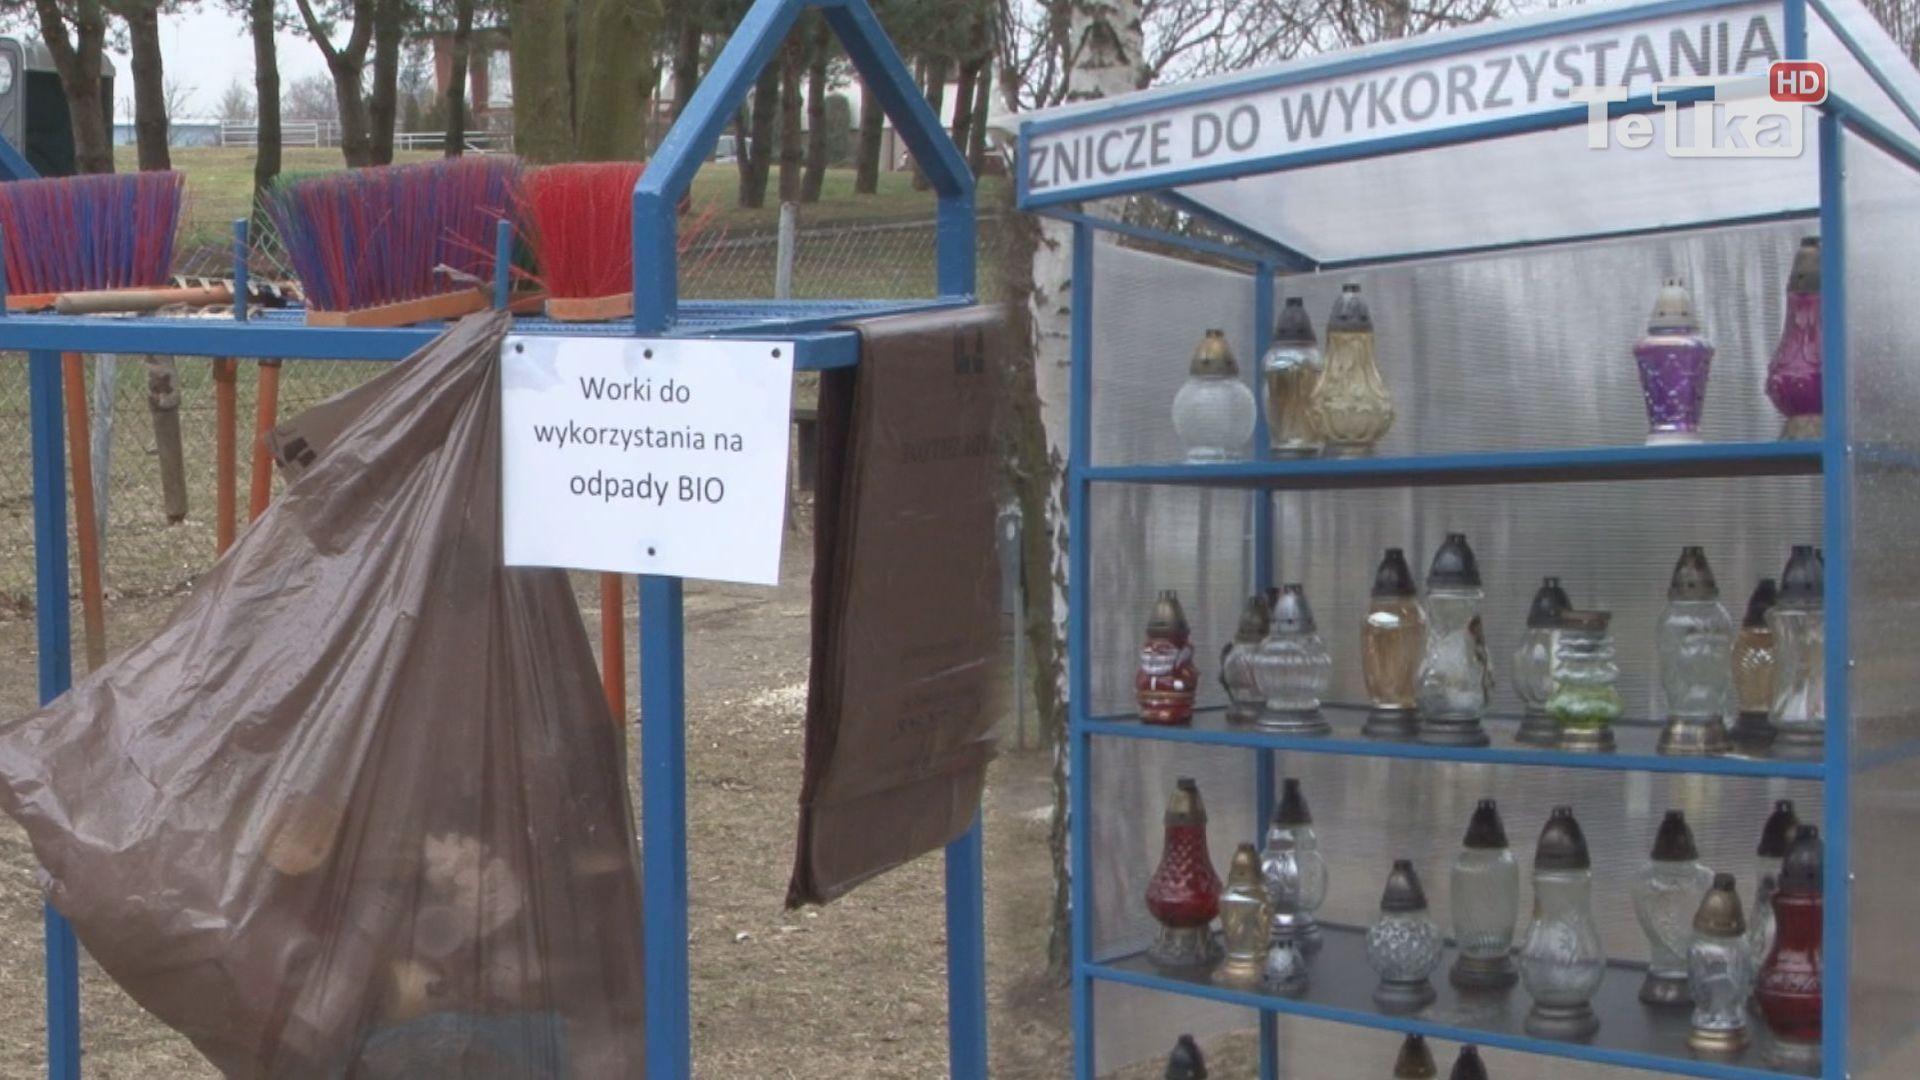 Ggrabelki, miotełki i znicze dostępne są dla osób robiących porządkujących groby na cmentarzu komunalnym